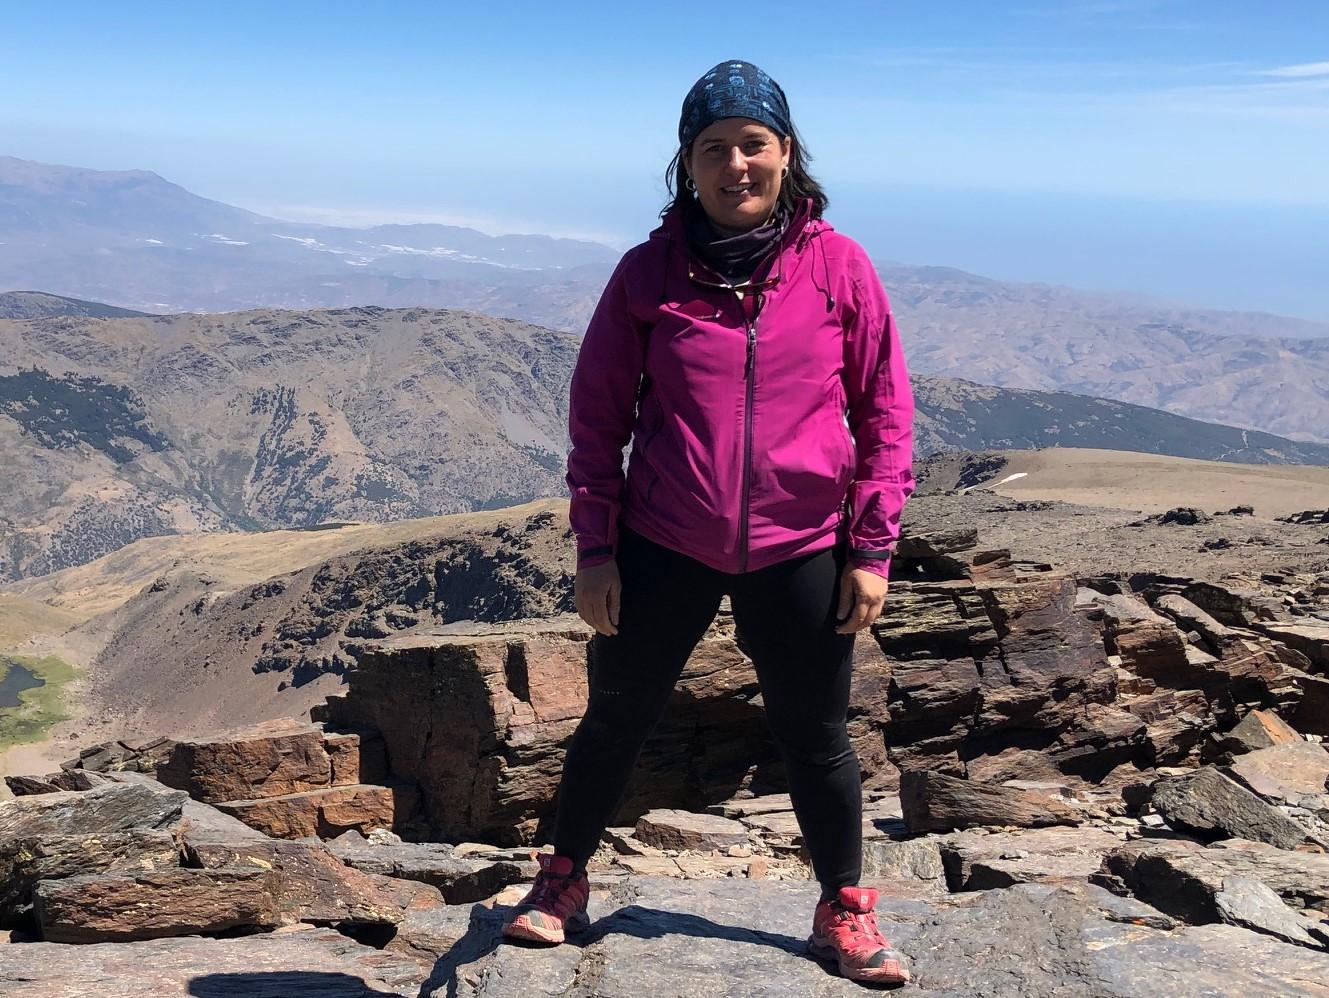 La naturalista y coordinadora de voluntarios en el Estrecho para COCN Susana Noguera Hernández